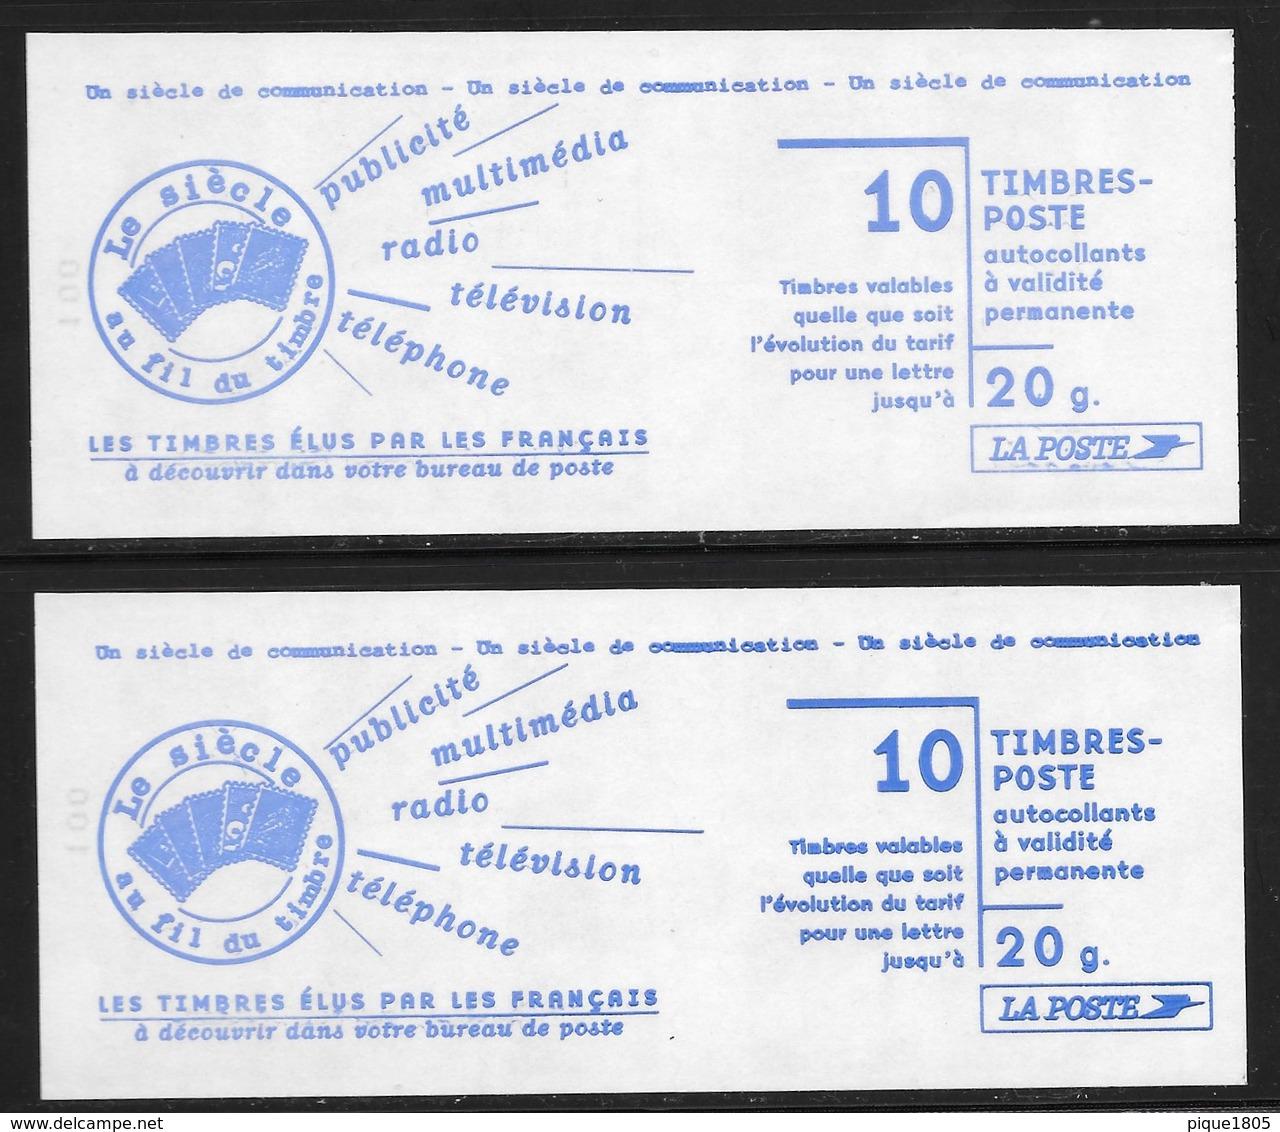 3085a-C5ab Luquet Laposte Deux Supert Aristo Jumeaux RRR - Freimarke